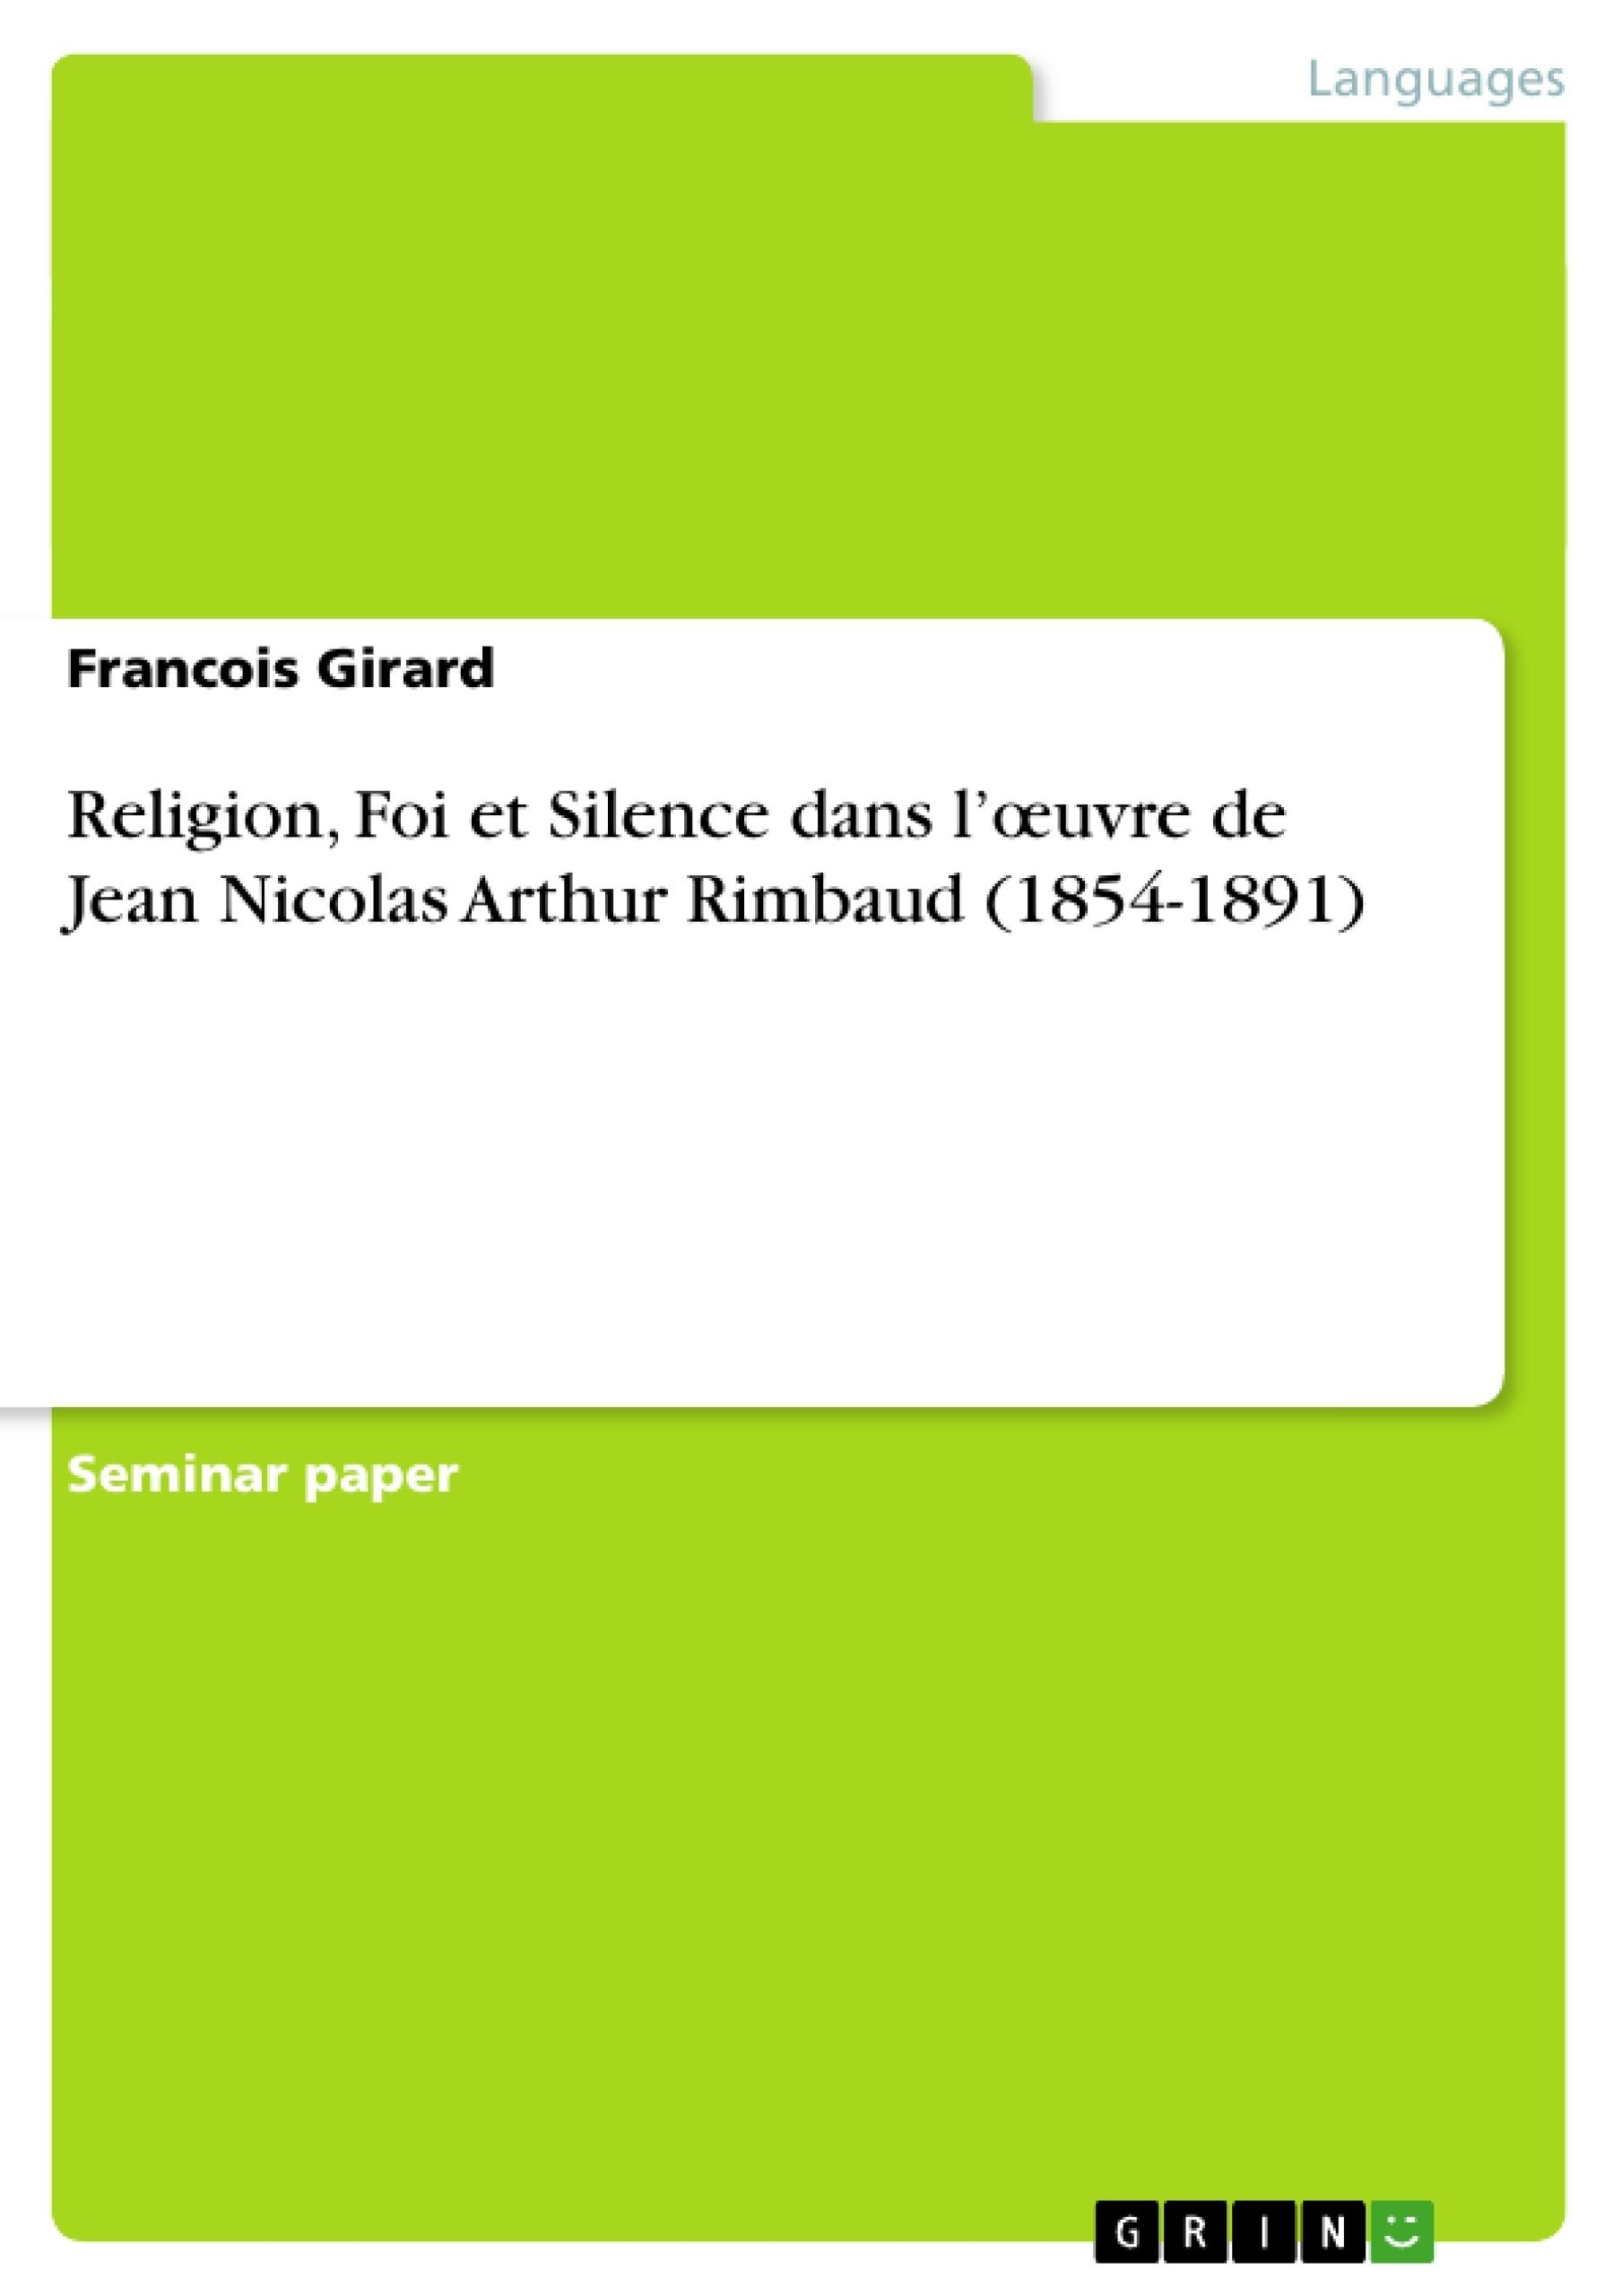 Titre: Religion, Foi et Silence dans l'œuvre de Jean Nicolas Arthur Rimbaud (1854-1891)